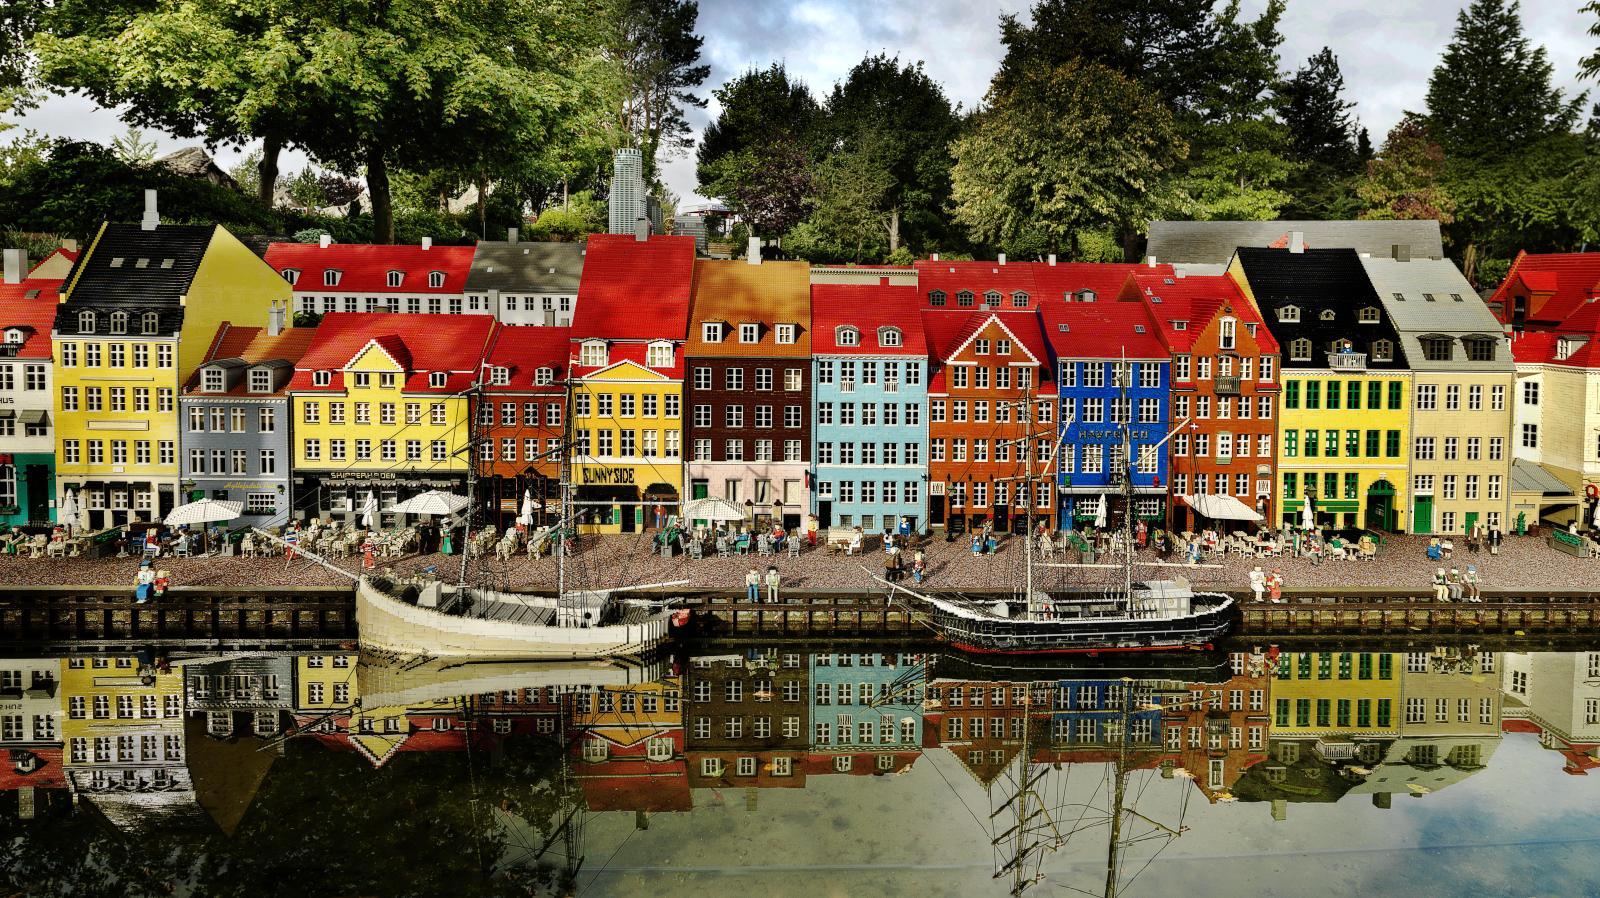 Barlad Danemarca